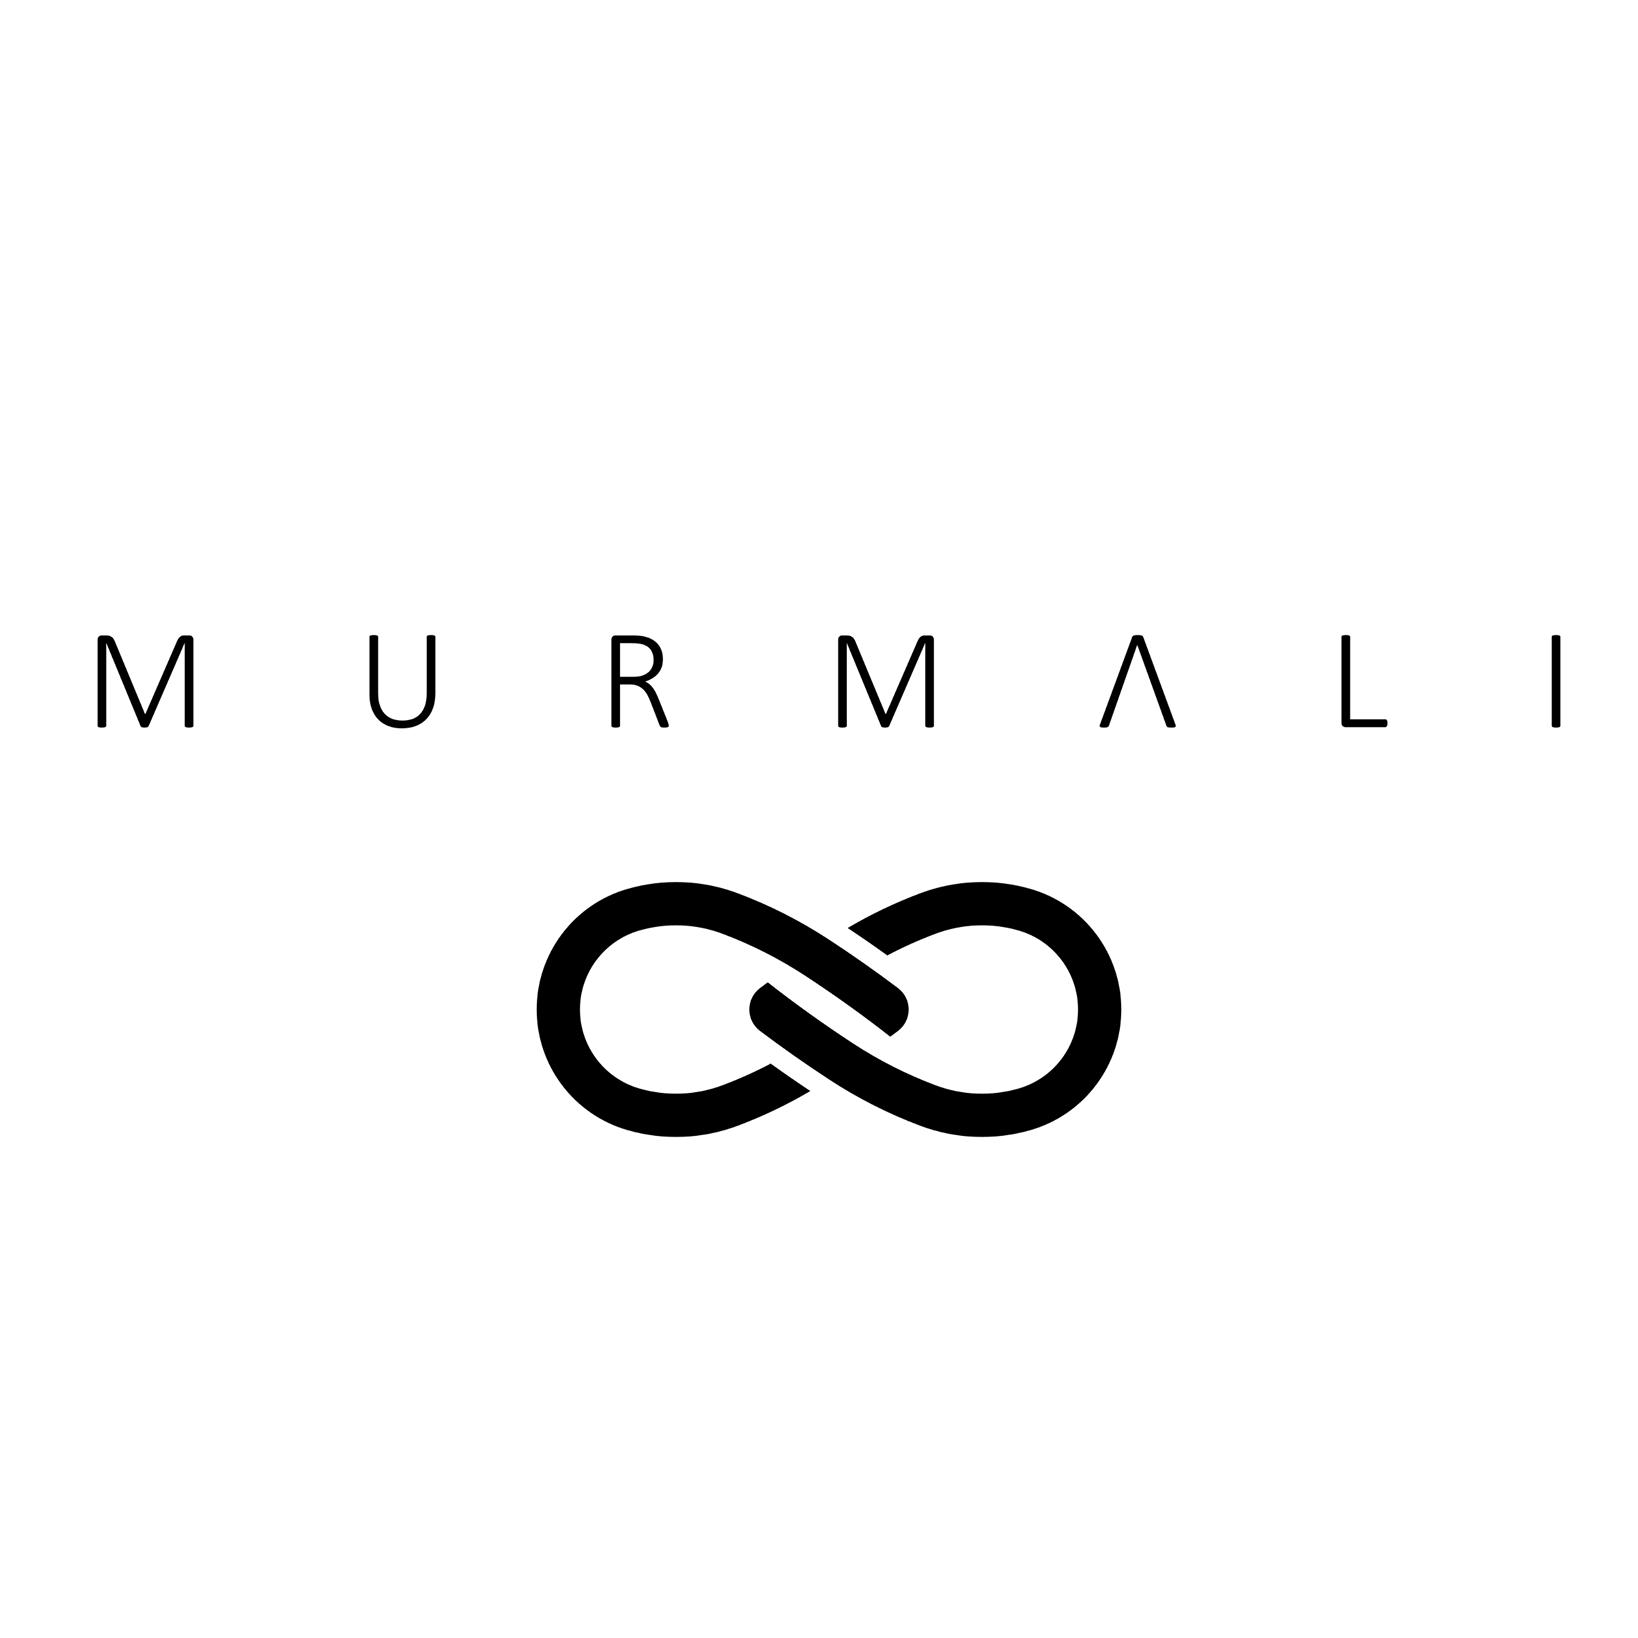 MURMALI